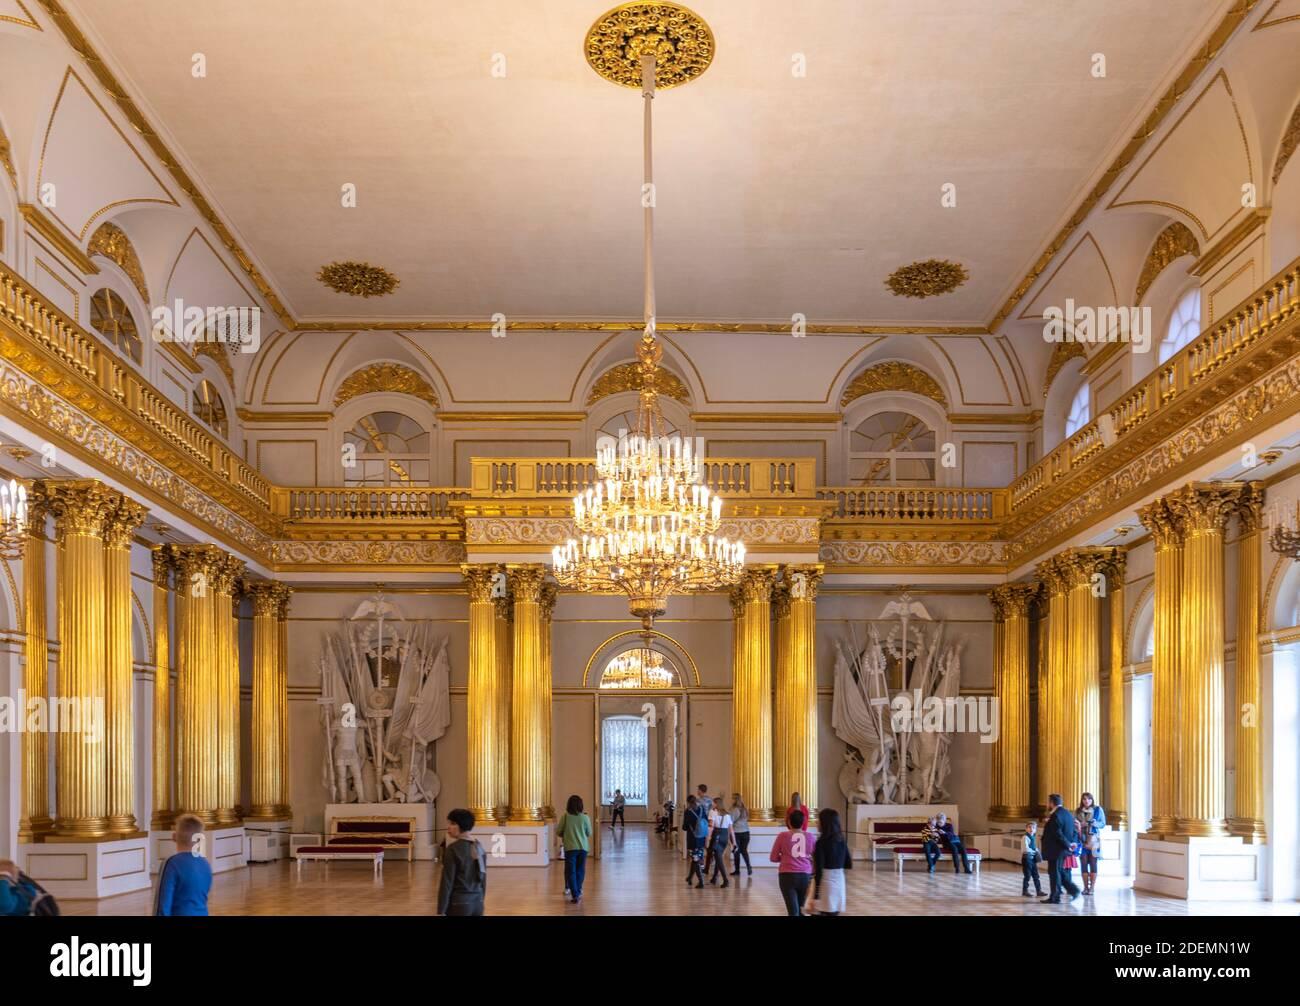 San Petersburgo, Rusia. Interior del museo estatal Hermitage Russian. La habitación, las paredes y el techo son increíbles y están decorados con adornos barrocos Foto de stock